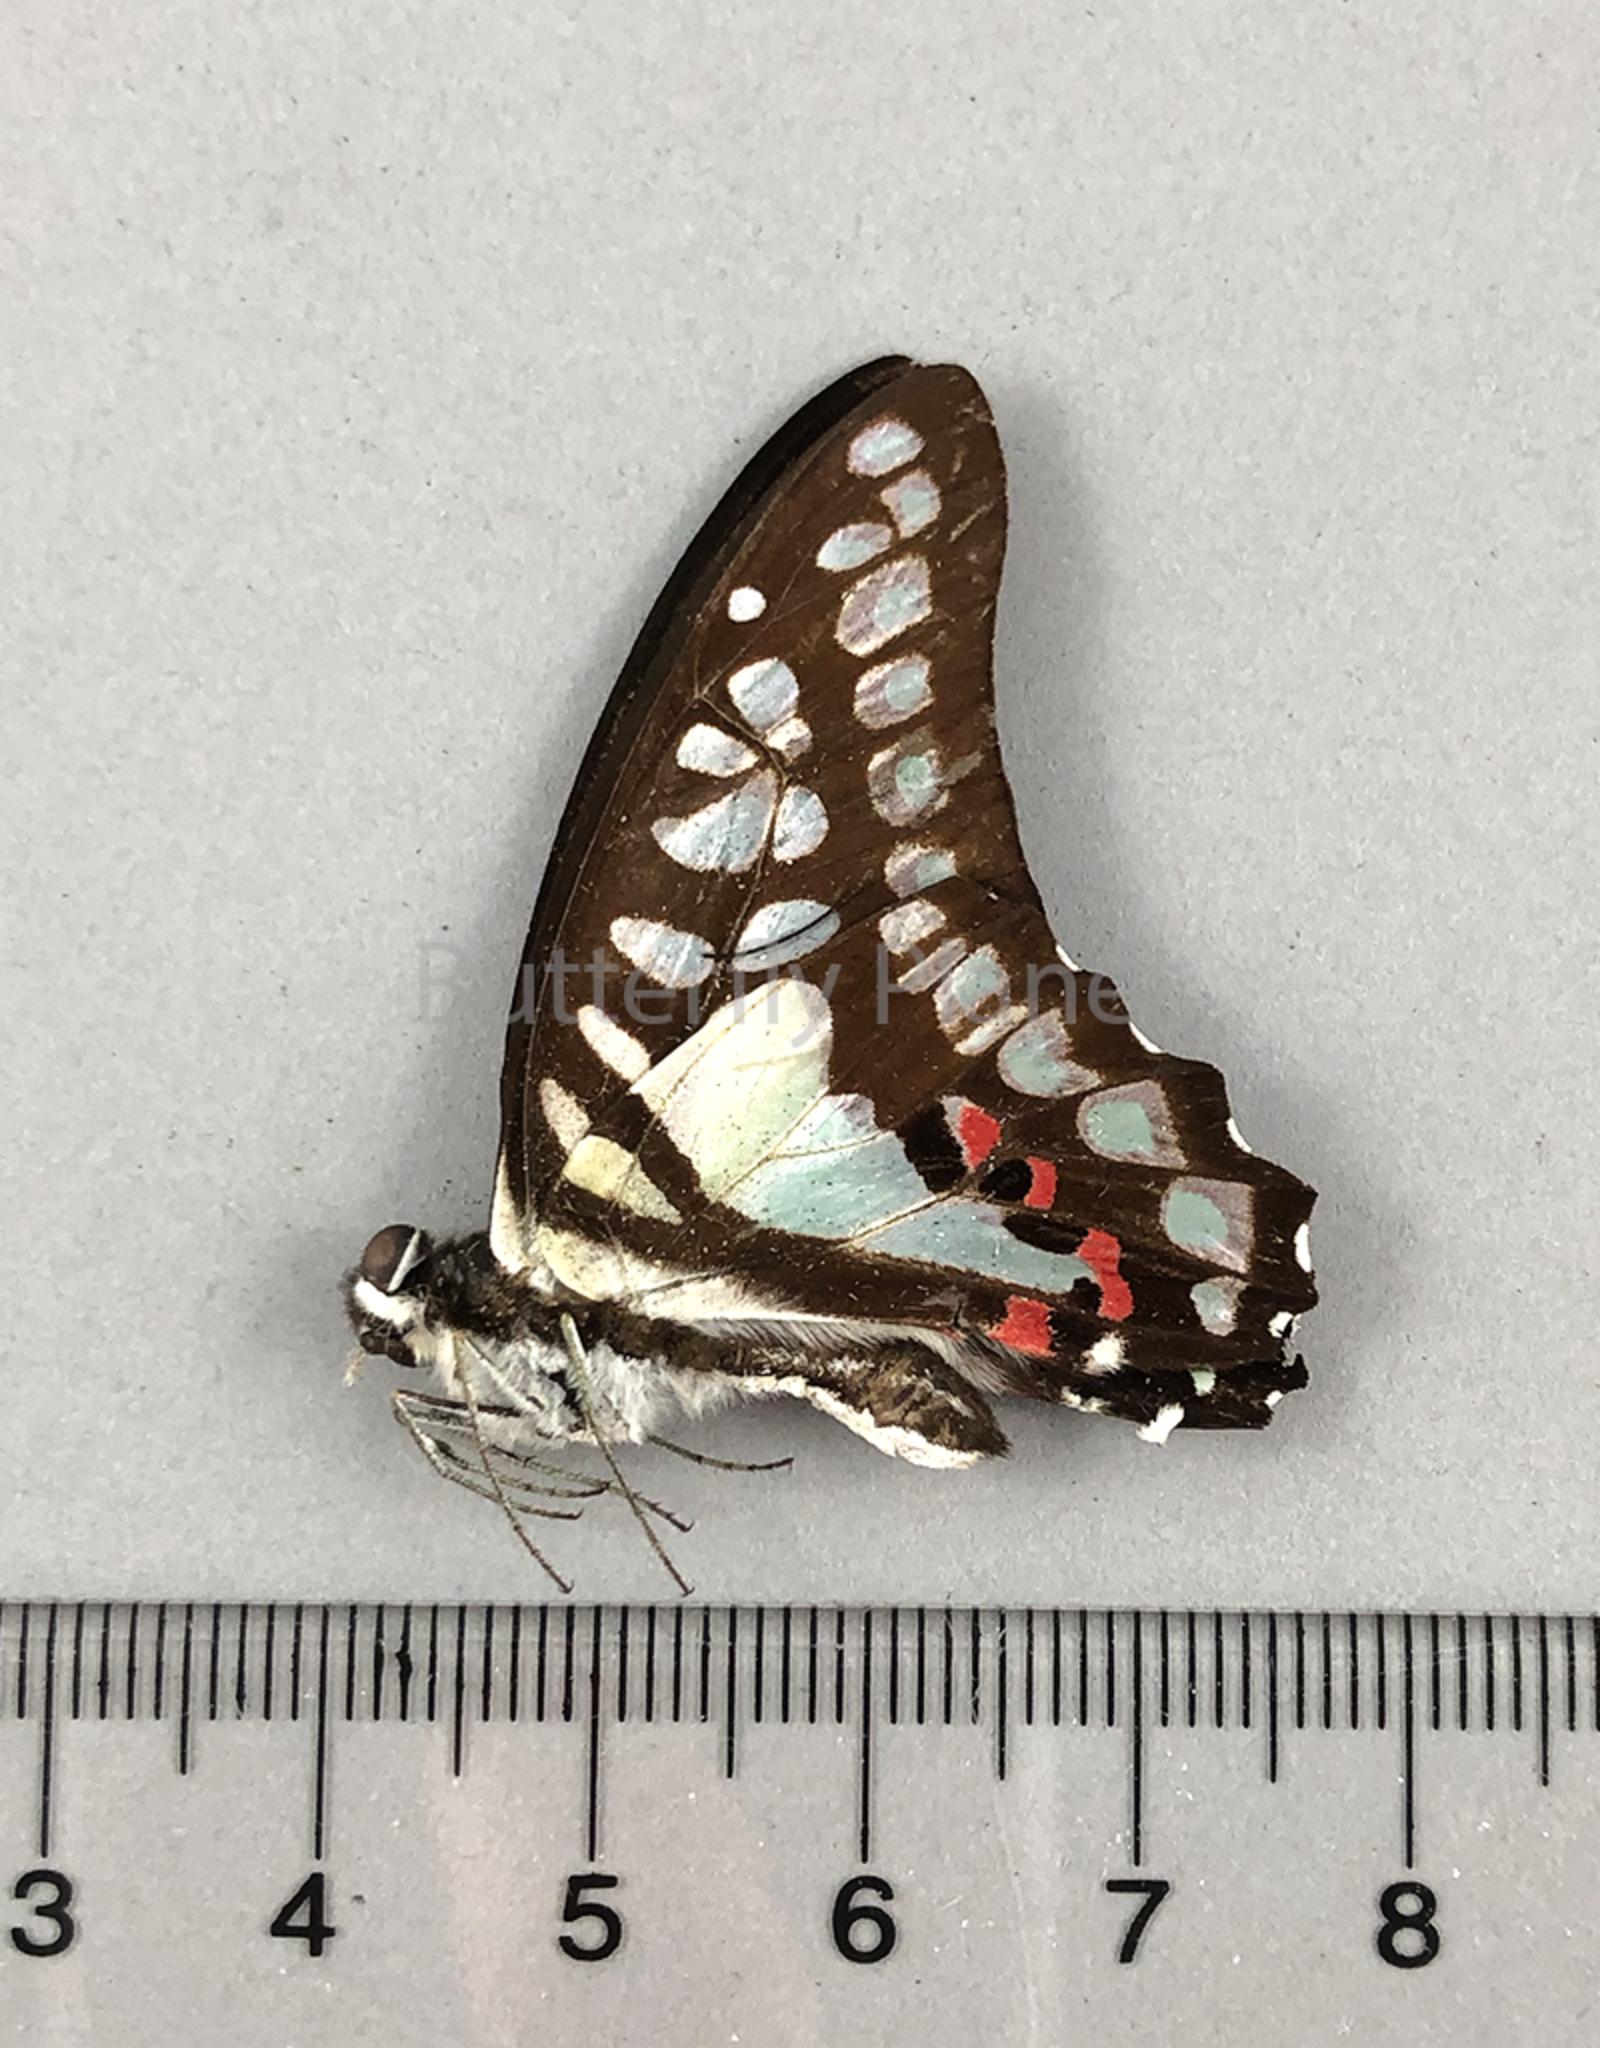 Graphium eurypylus M A1 West Java, Indonesia